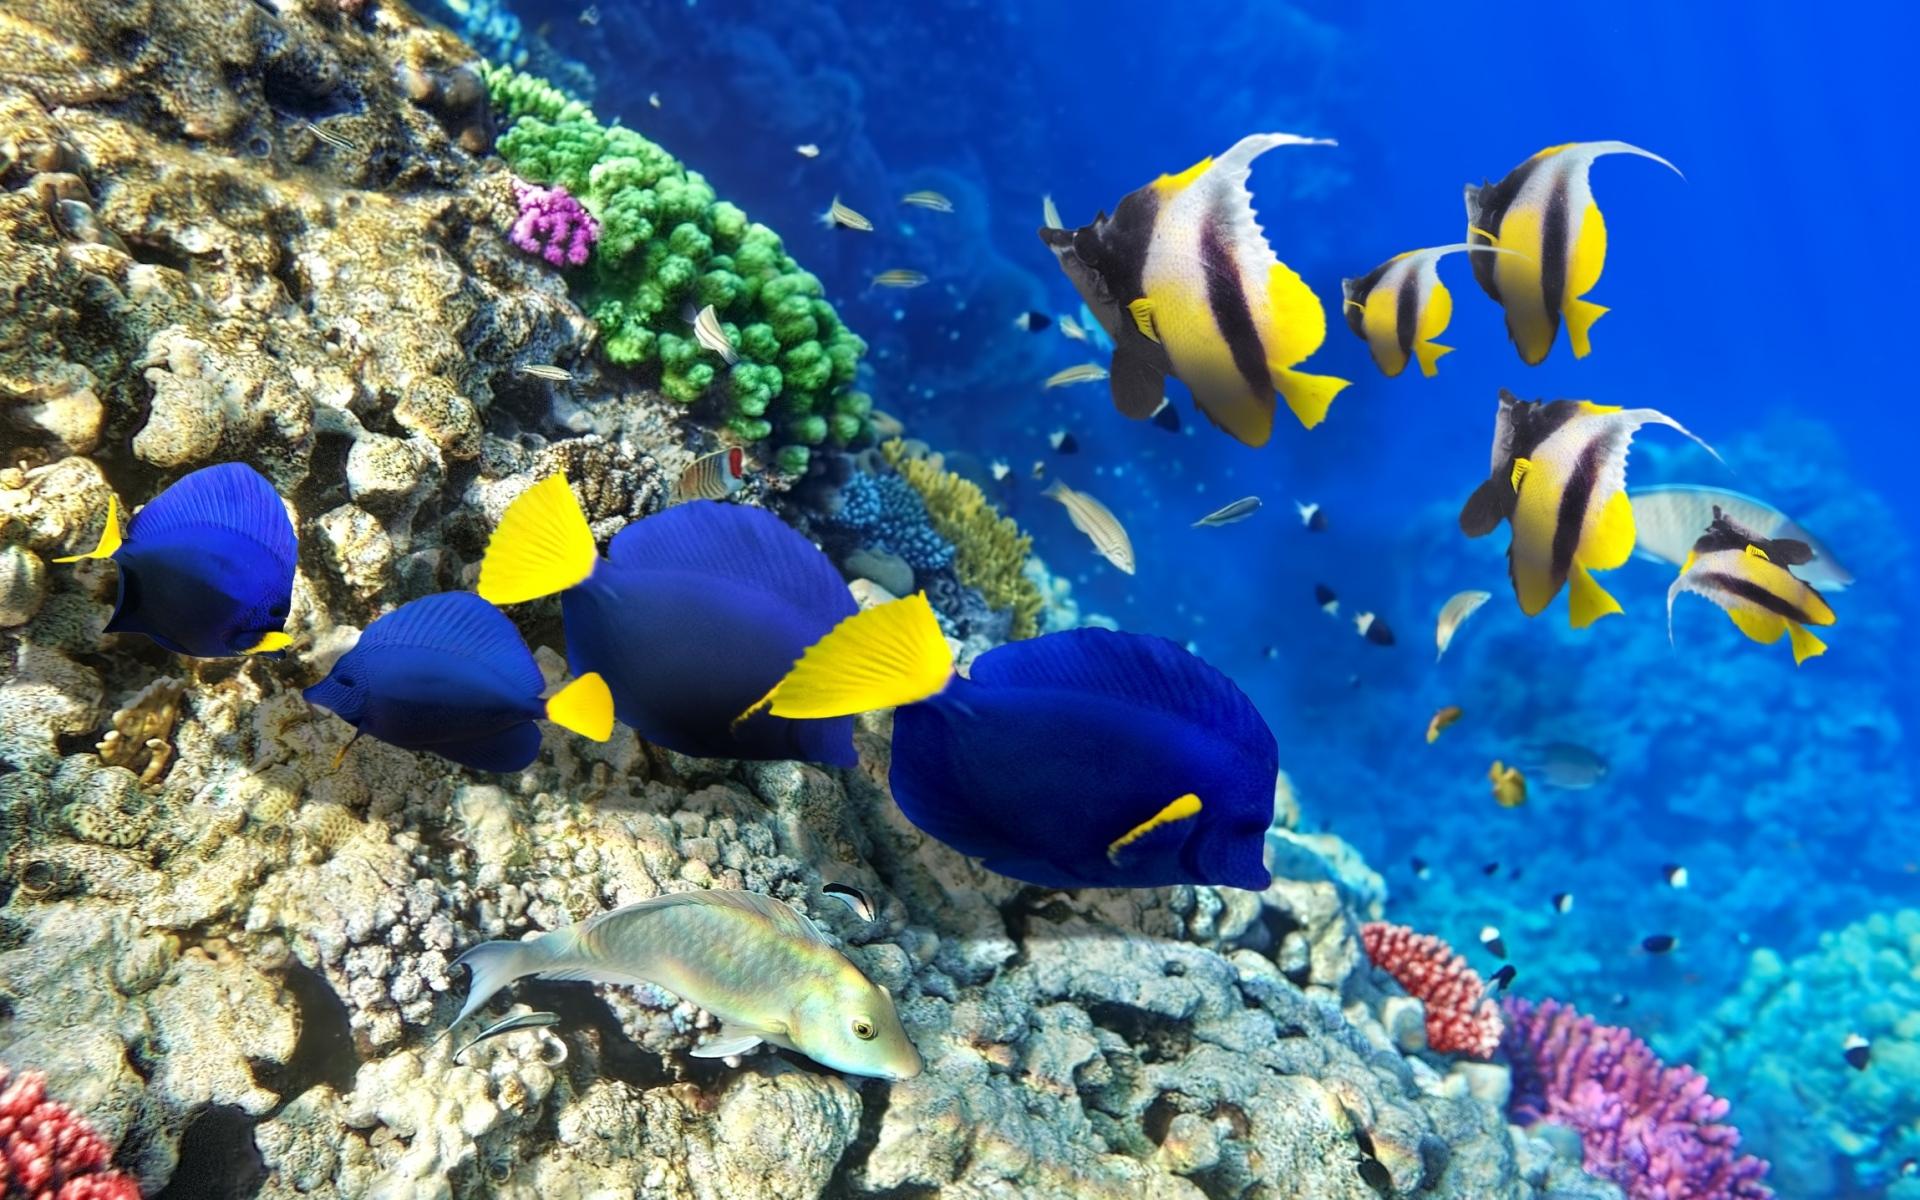 Картинки Рыба, водоросли, кораллы, подводные фото и обои на рабочий стол